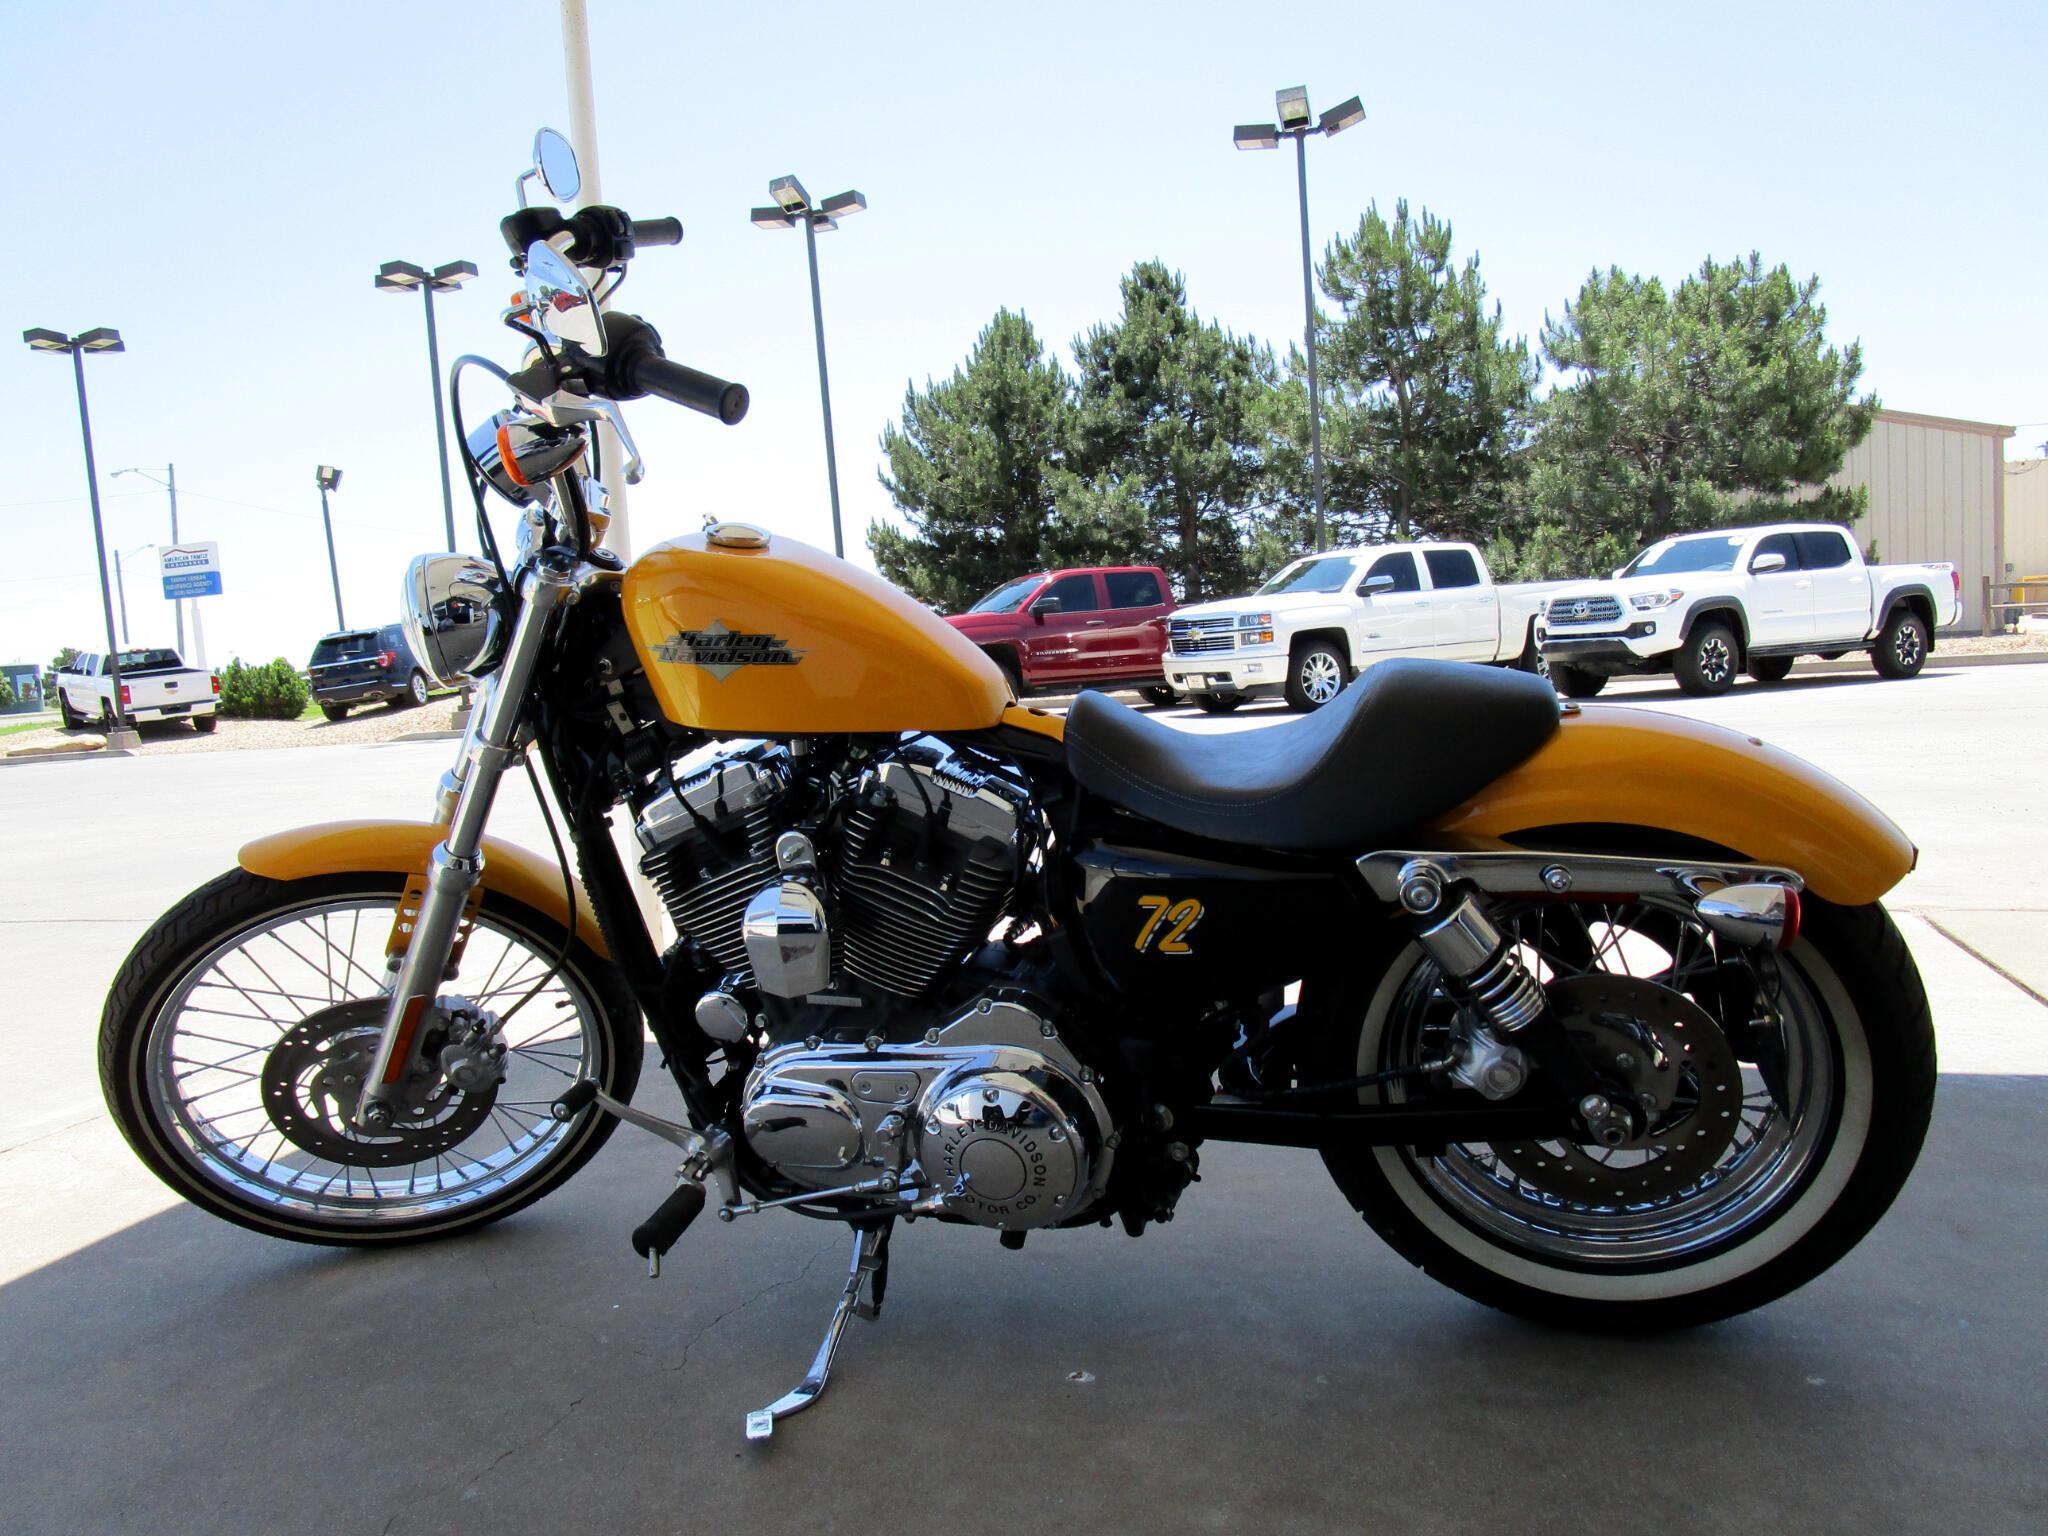 2013 Harley-Davidson XL 1200V 72